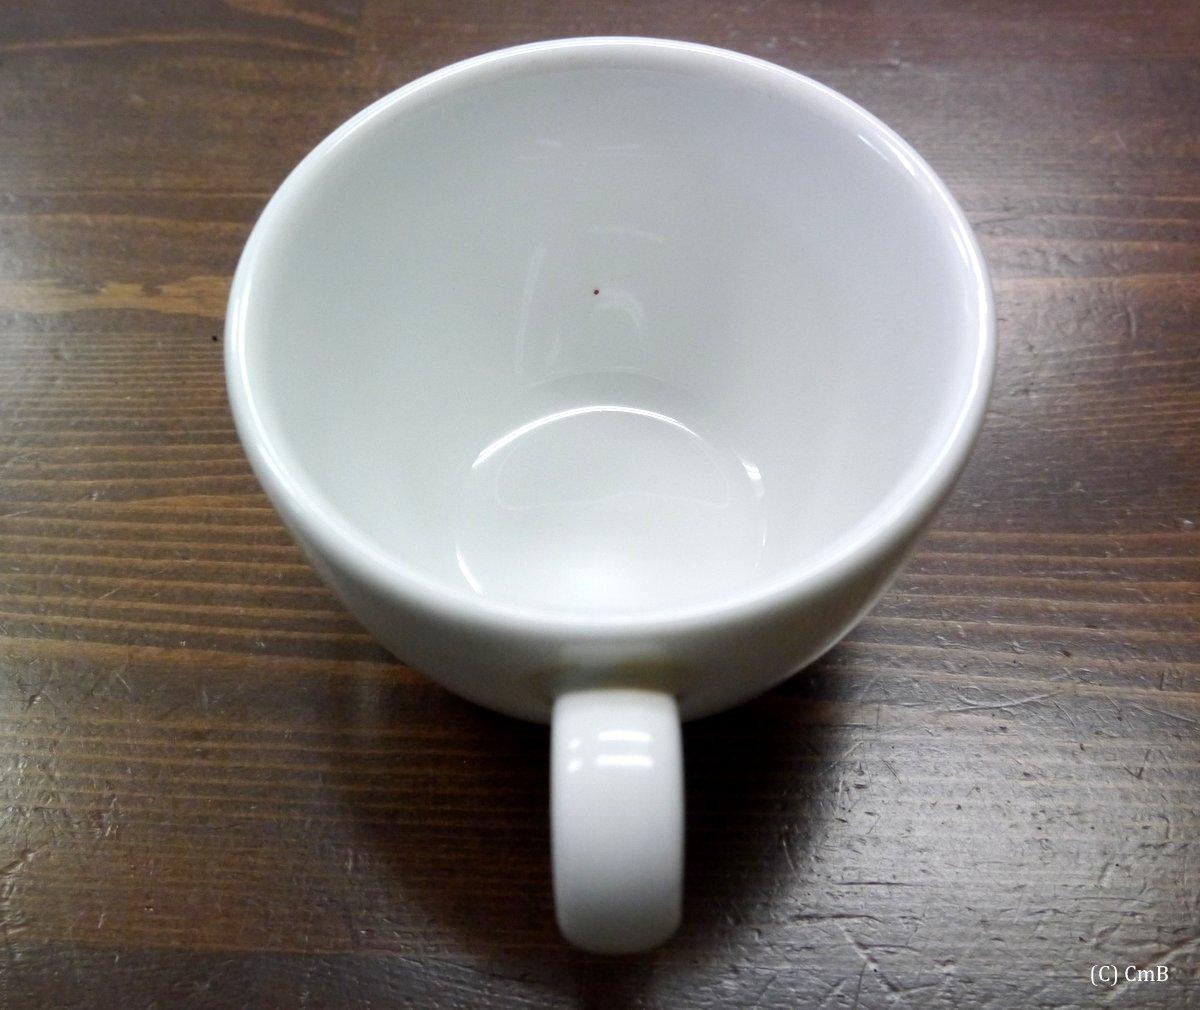 らくやかマーカーで点を入れたカフェラテ用カップ